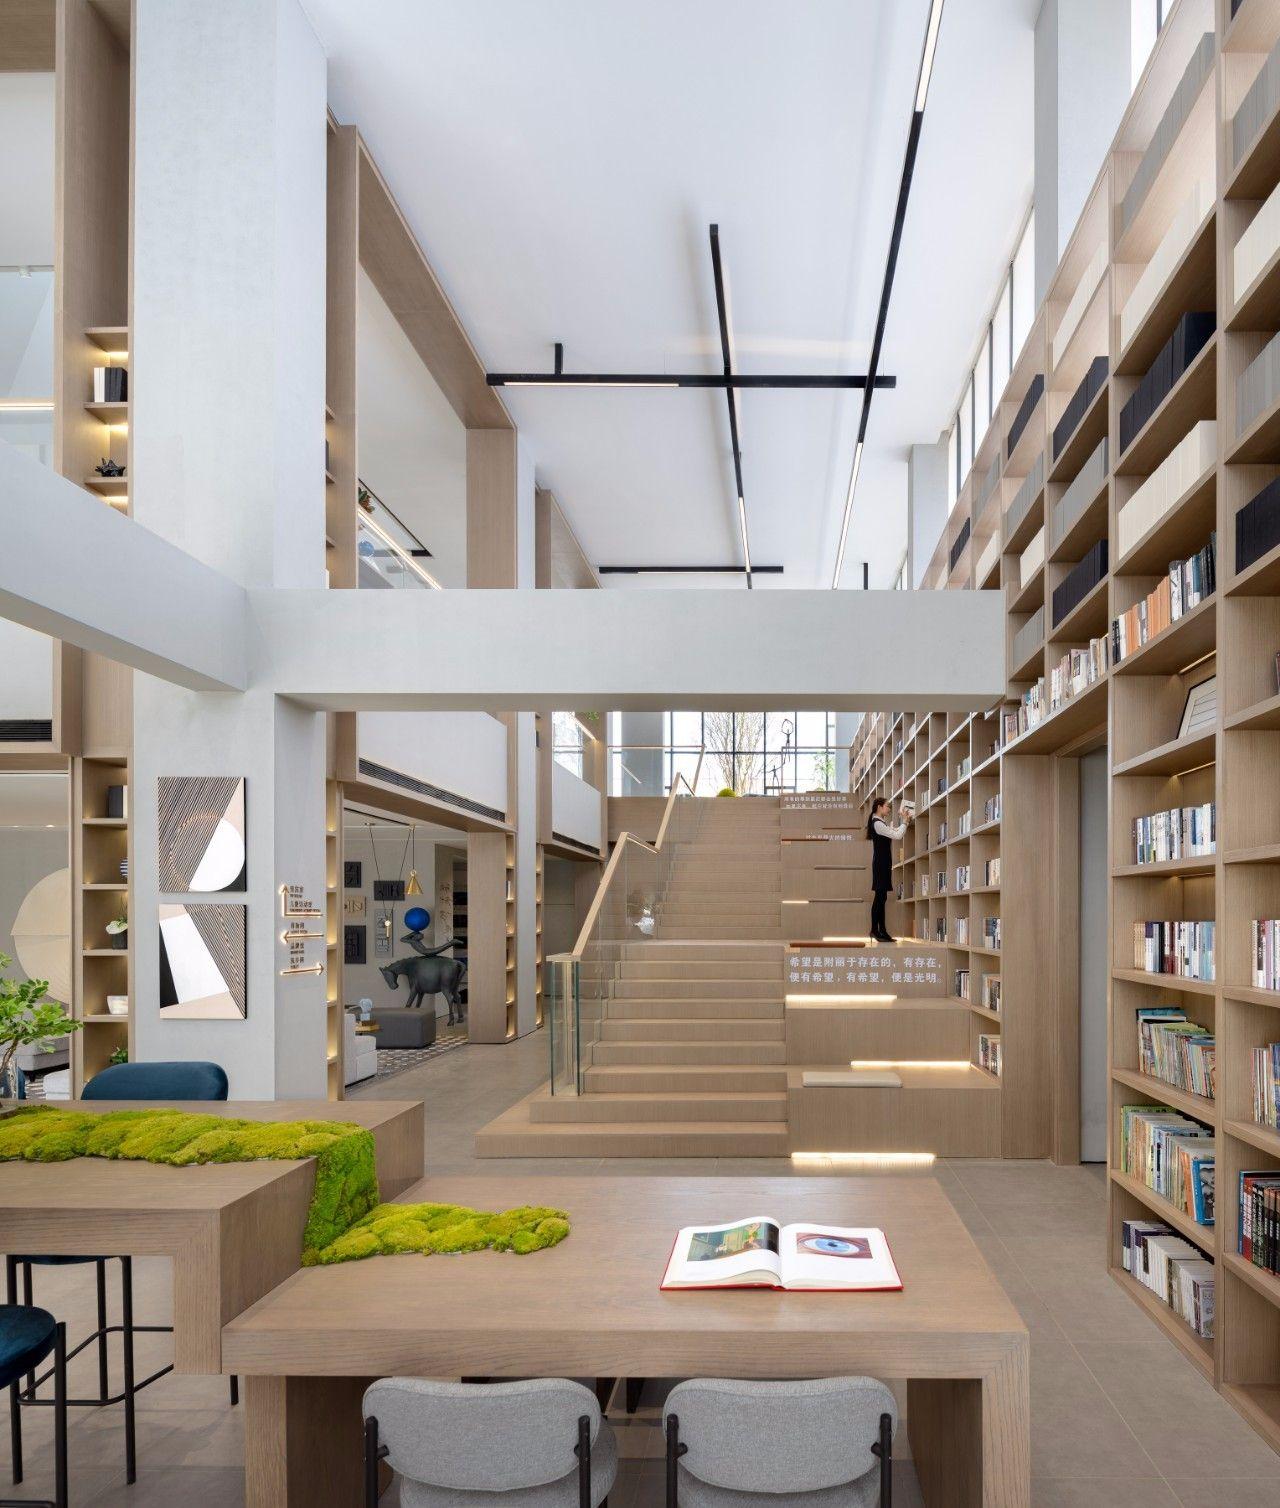 【G&K新作】武汉最艺术的沉浸体验式售楼处设计|G&K建筑设计咨询有限公司 - 15